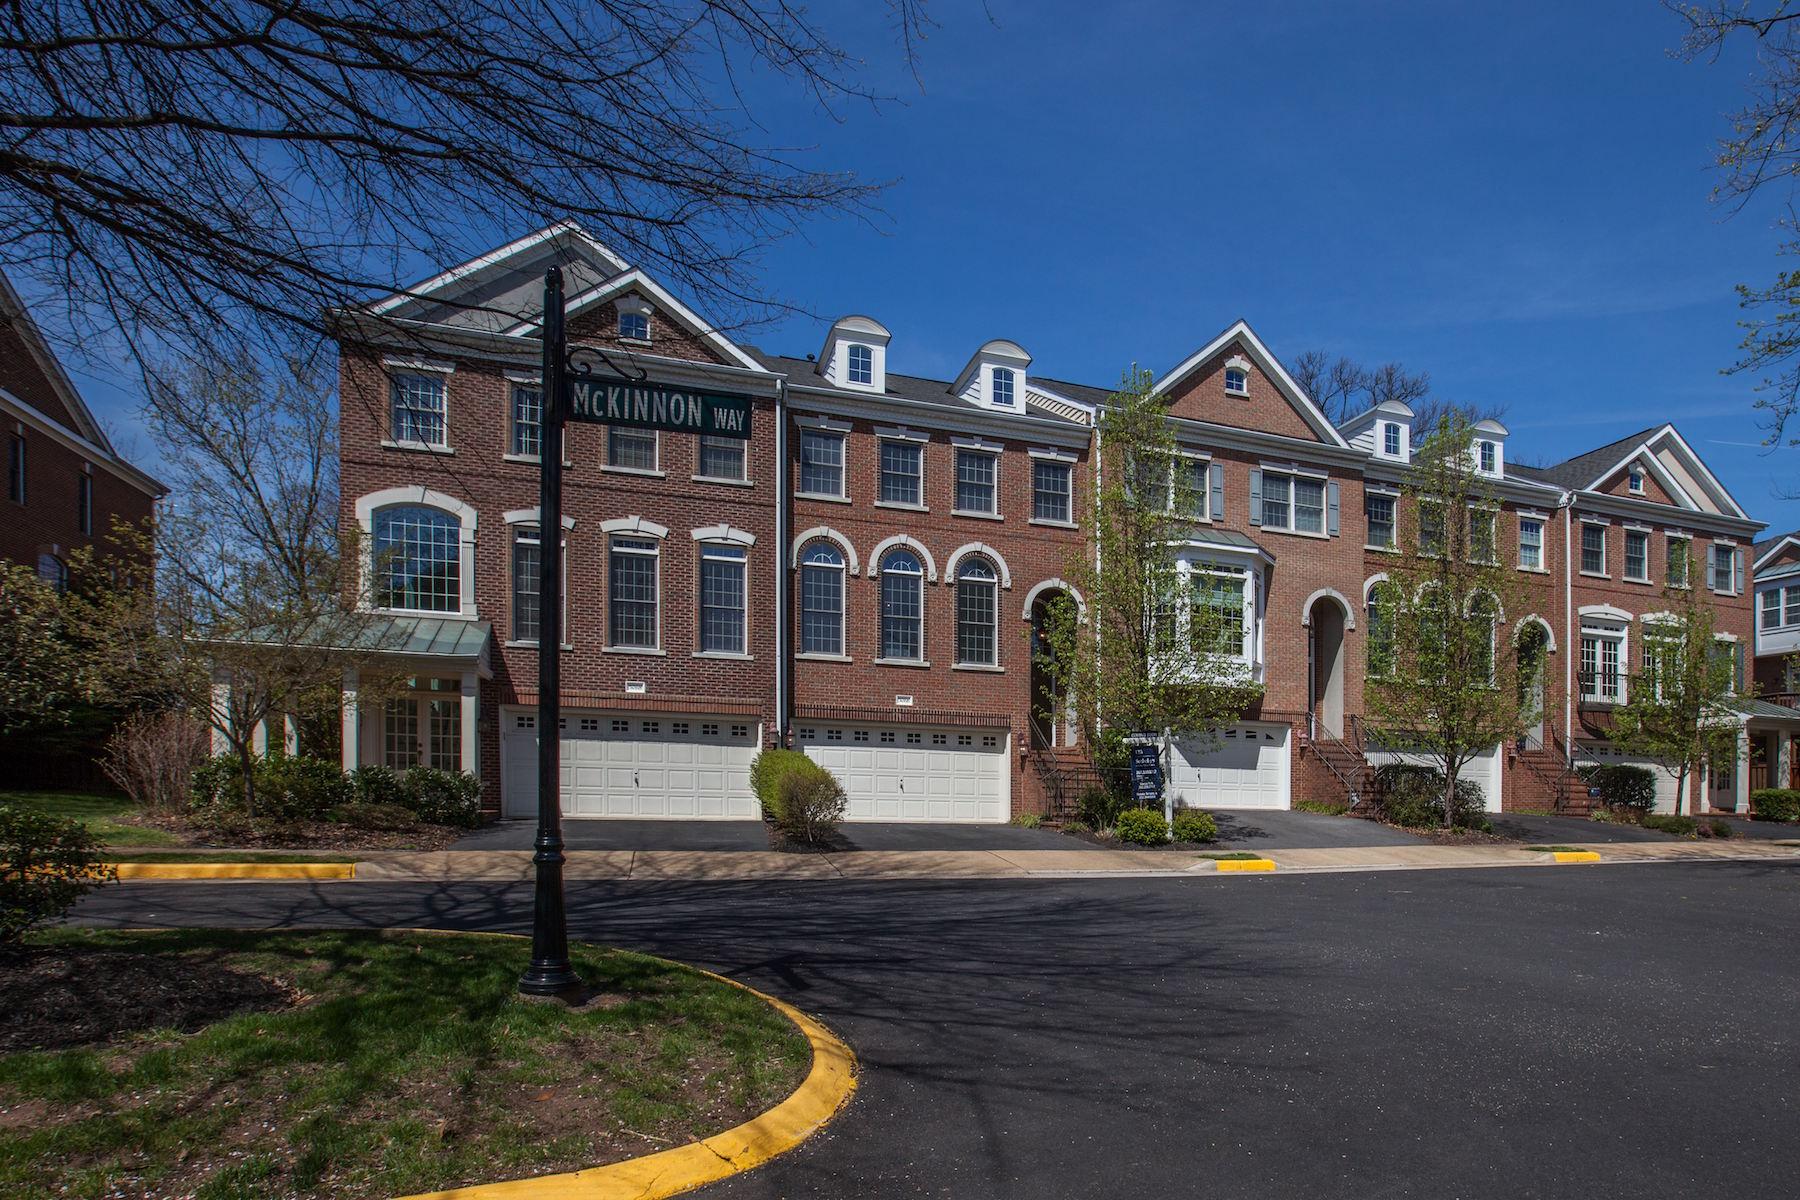 Stadthaus für Verkauf beim 3066 McKinnon Way Oakton, Virginia 22124 Vereinigte Staaten